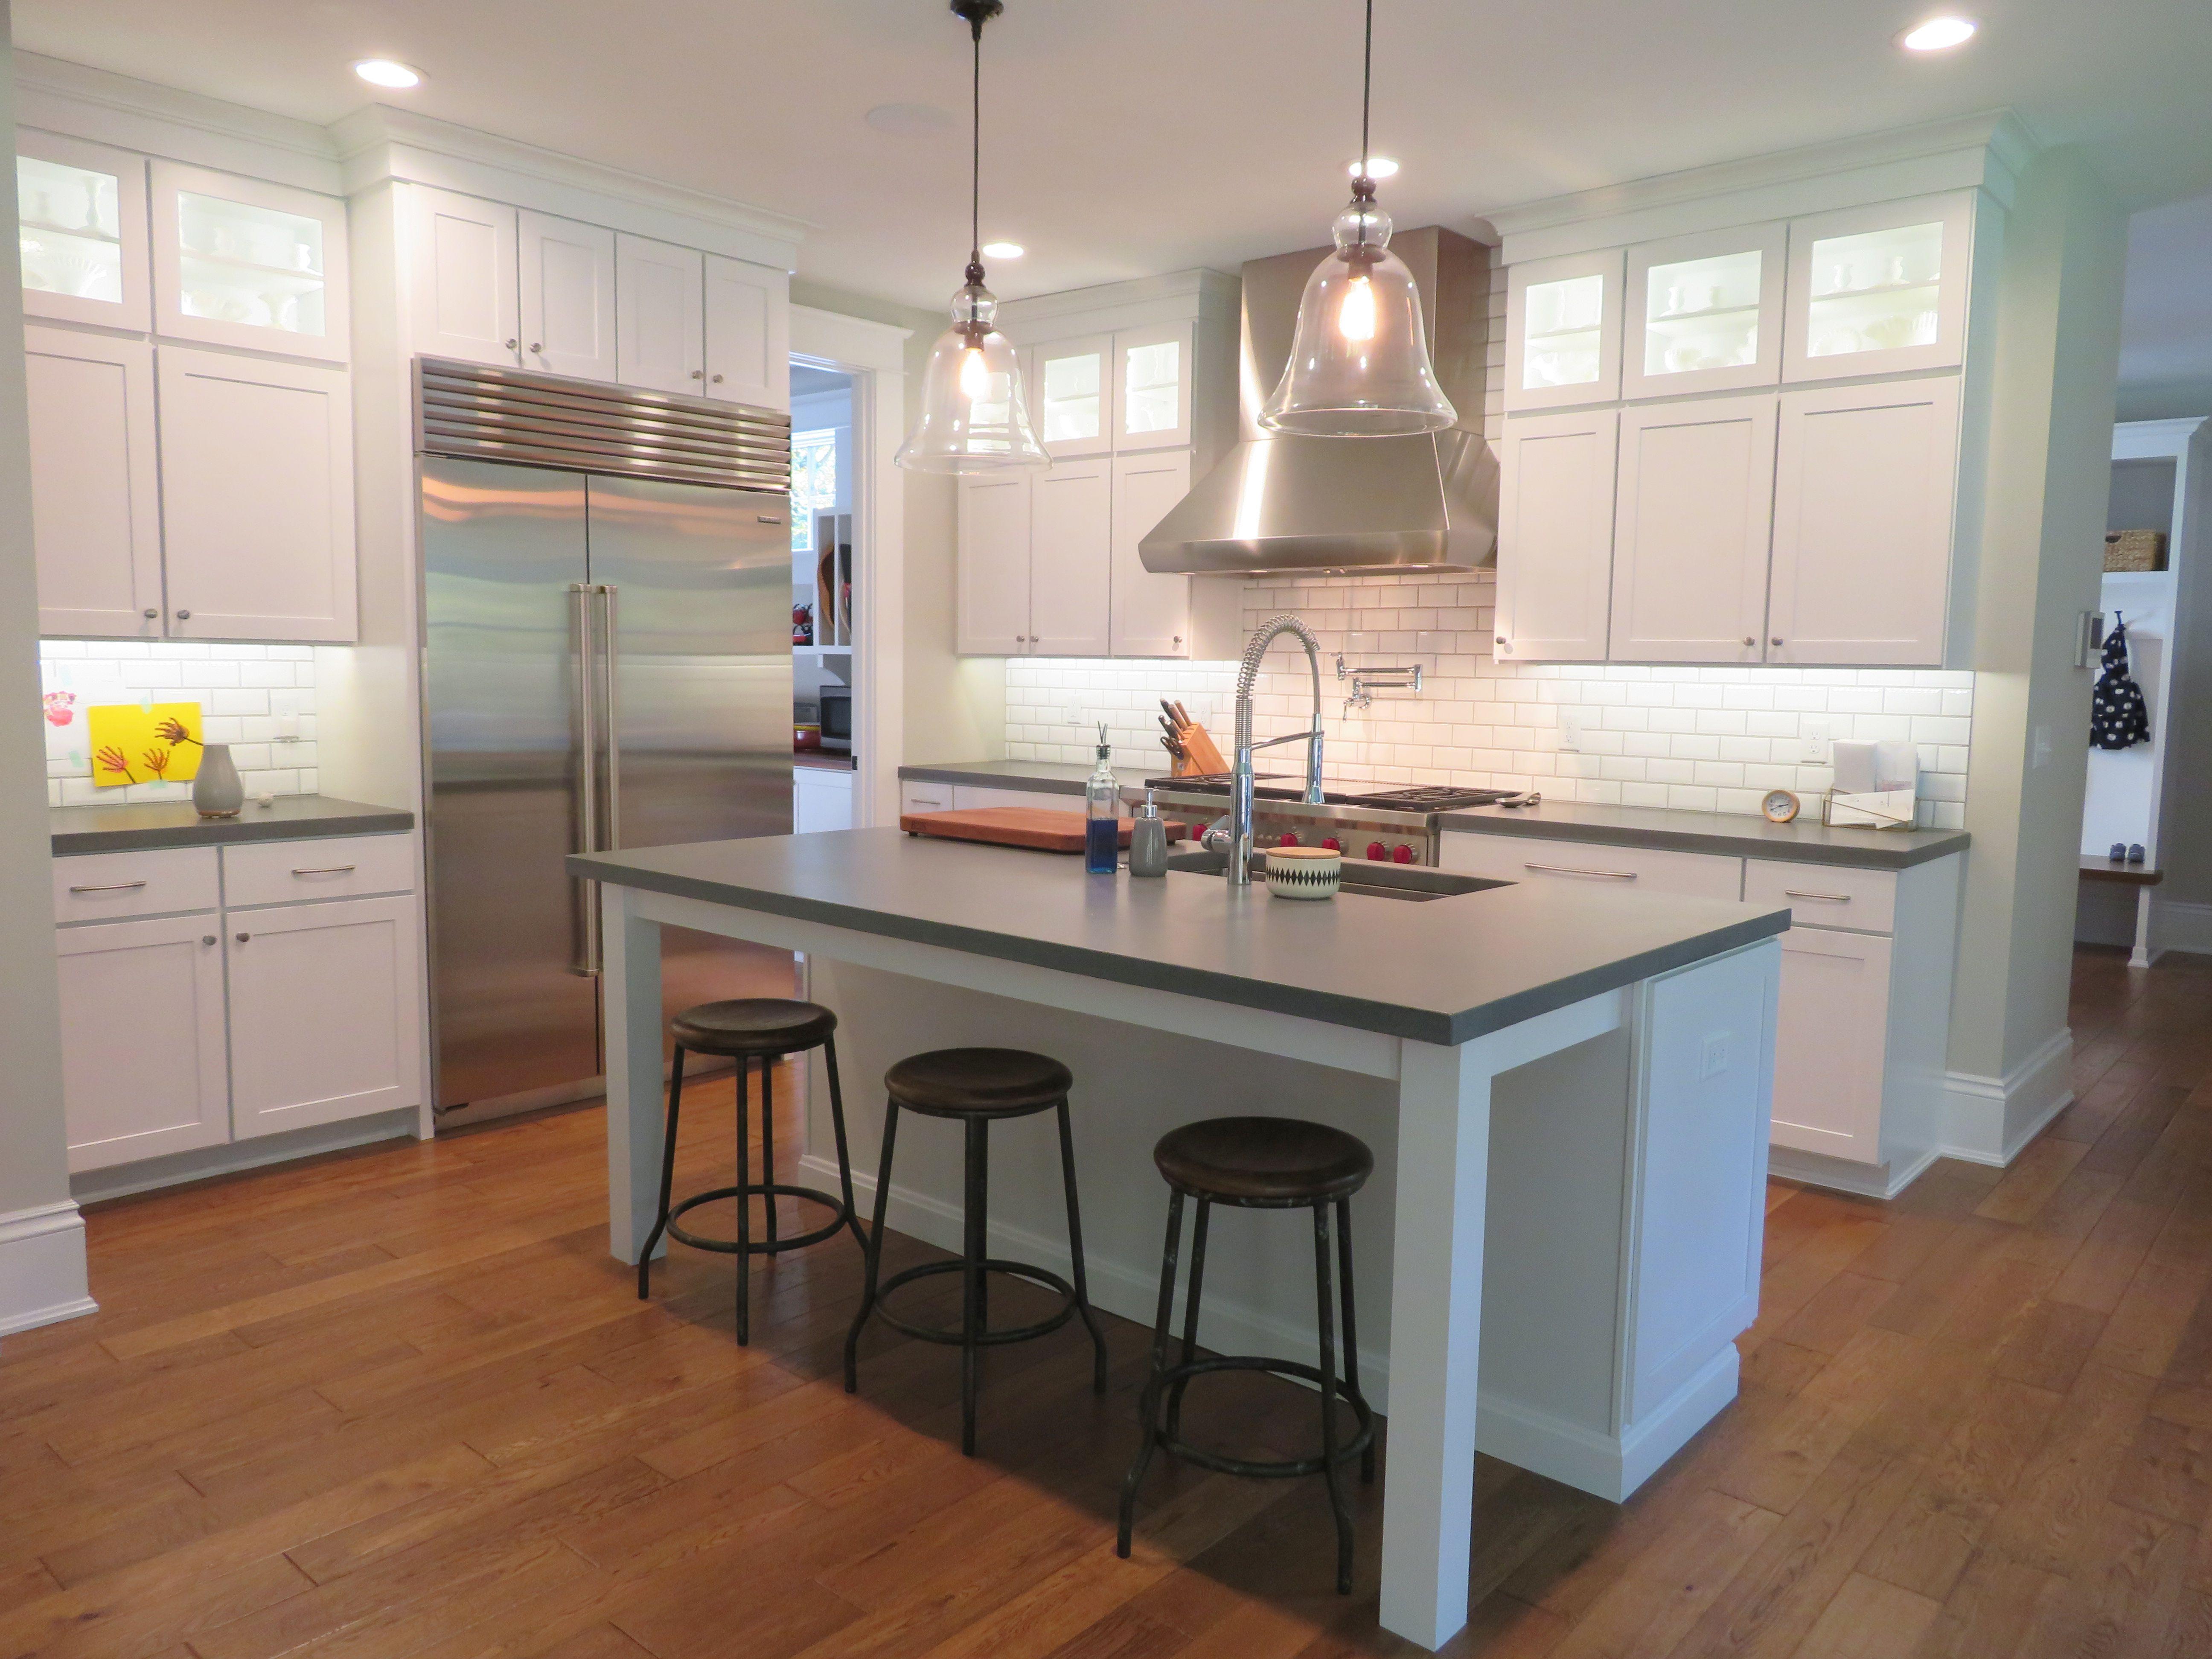 Echelon Cabinetry In Trevino Maple Alpine White Kitchen Design Kitchen And Bath Kitchen Layout